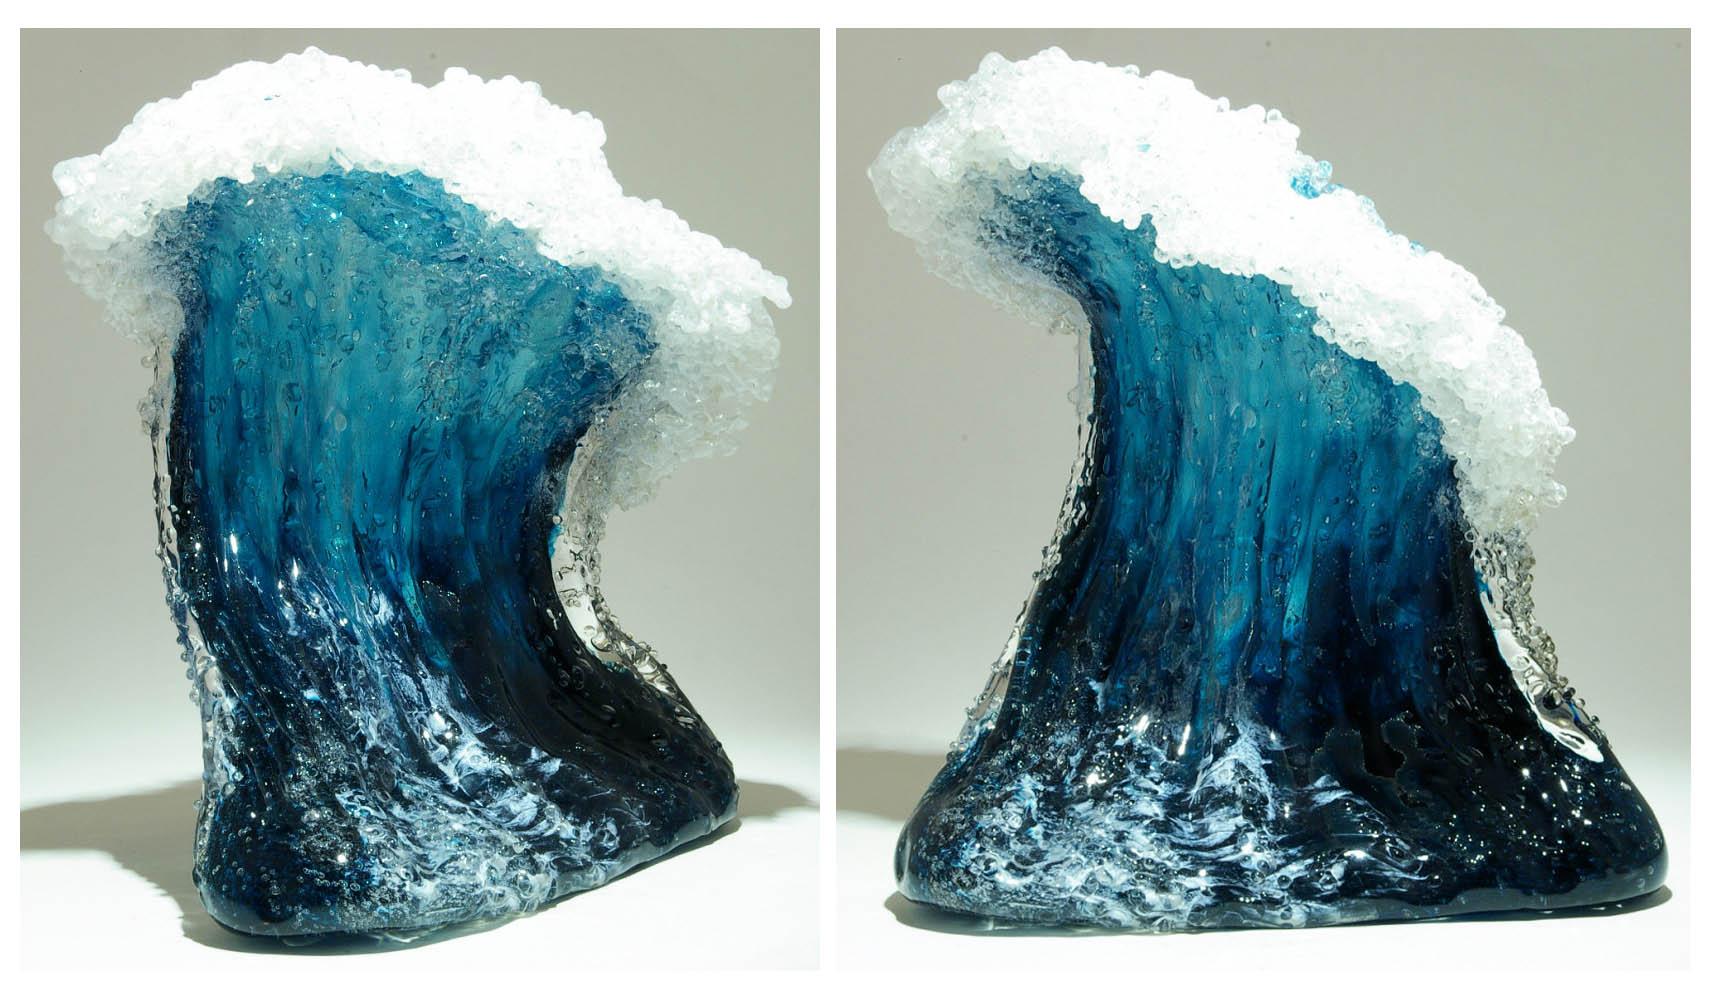 موج های اقیانوس به مثابه گلدان